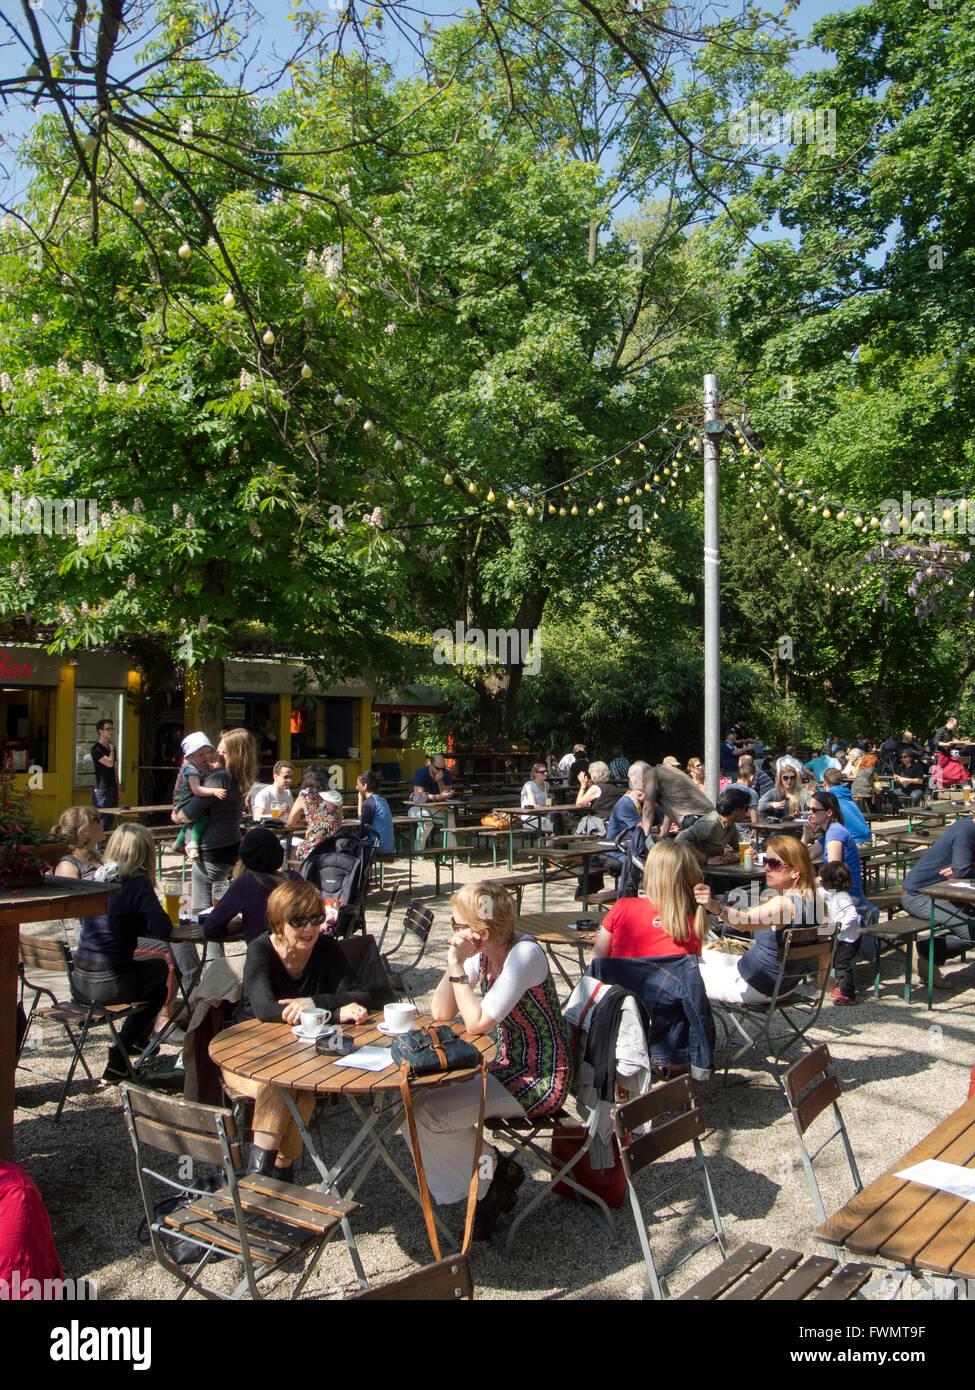 Stadtgarten stockfotos stadtgarten bilder alamy - Stadtgarten hamburg ...